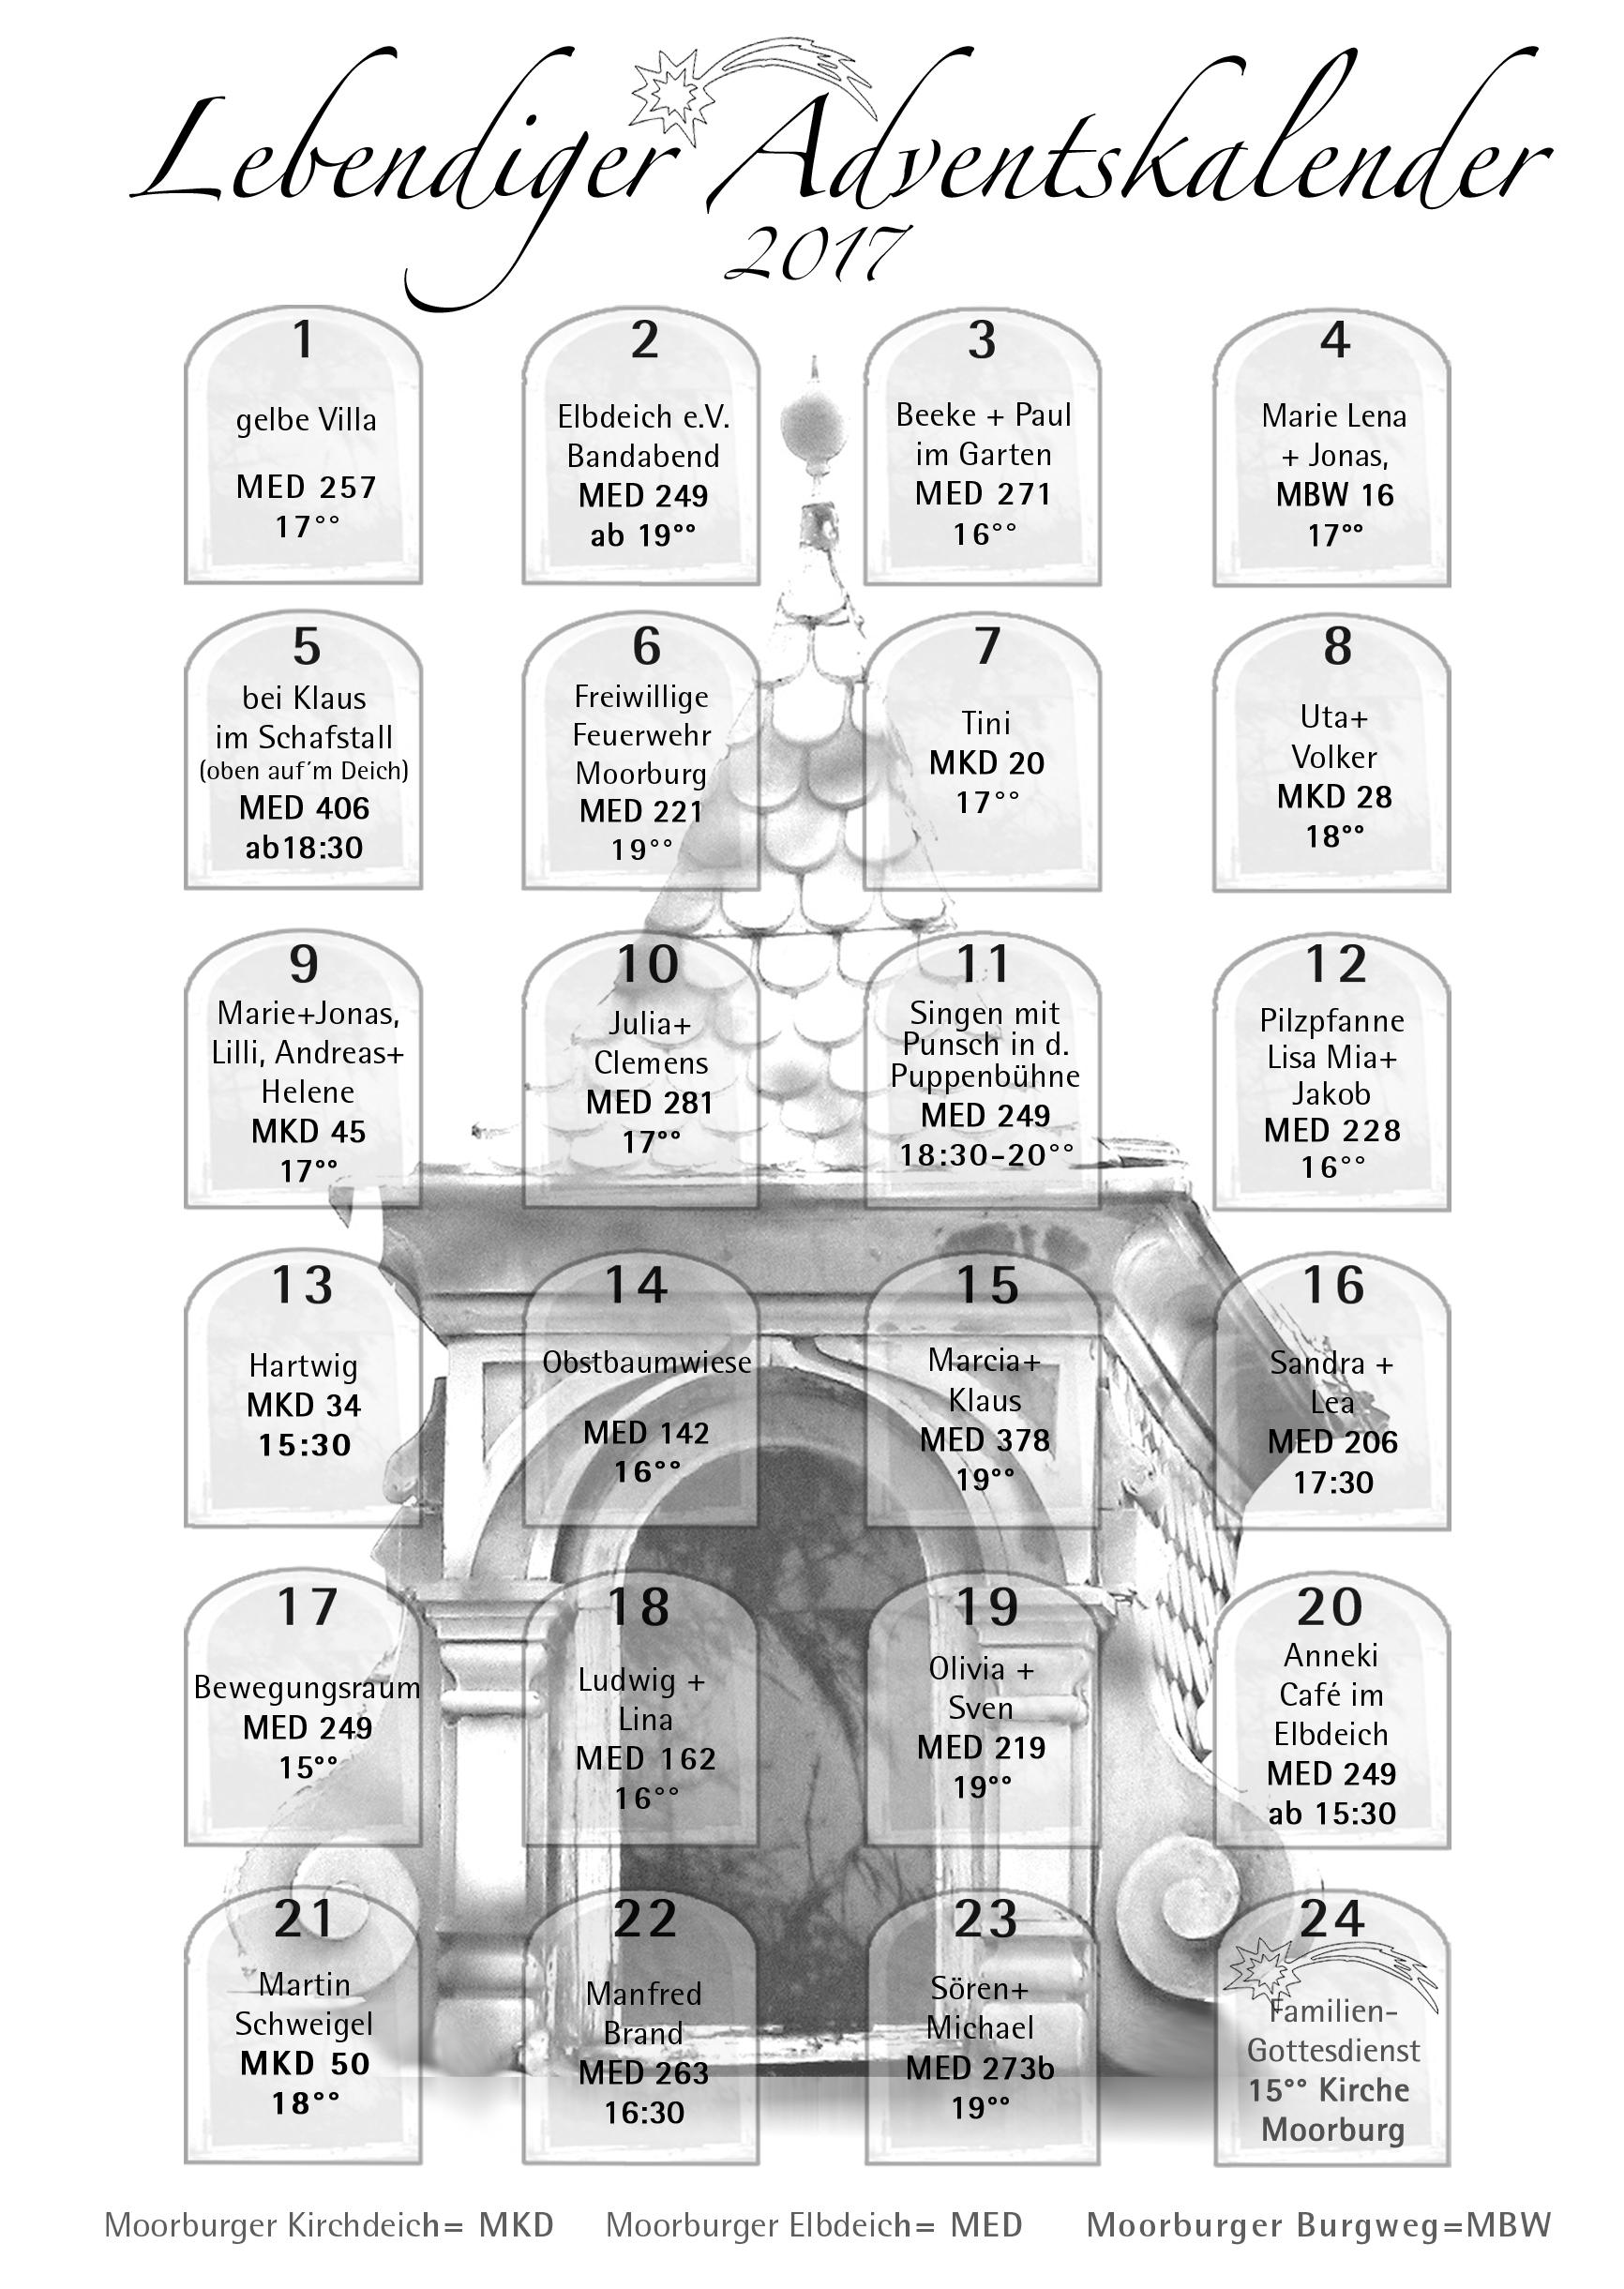 Der lebendige Adventskalender 2017